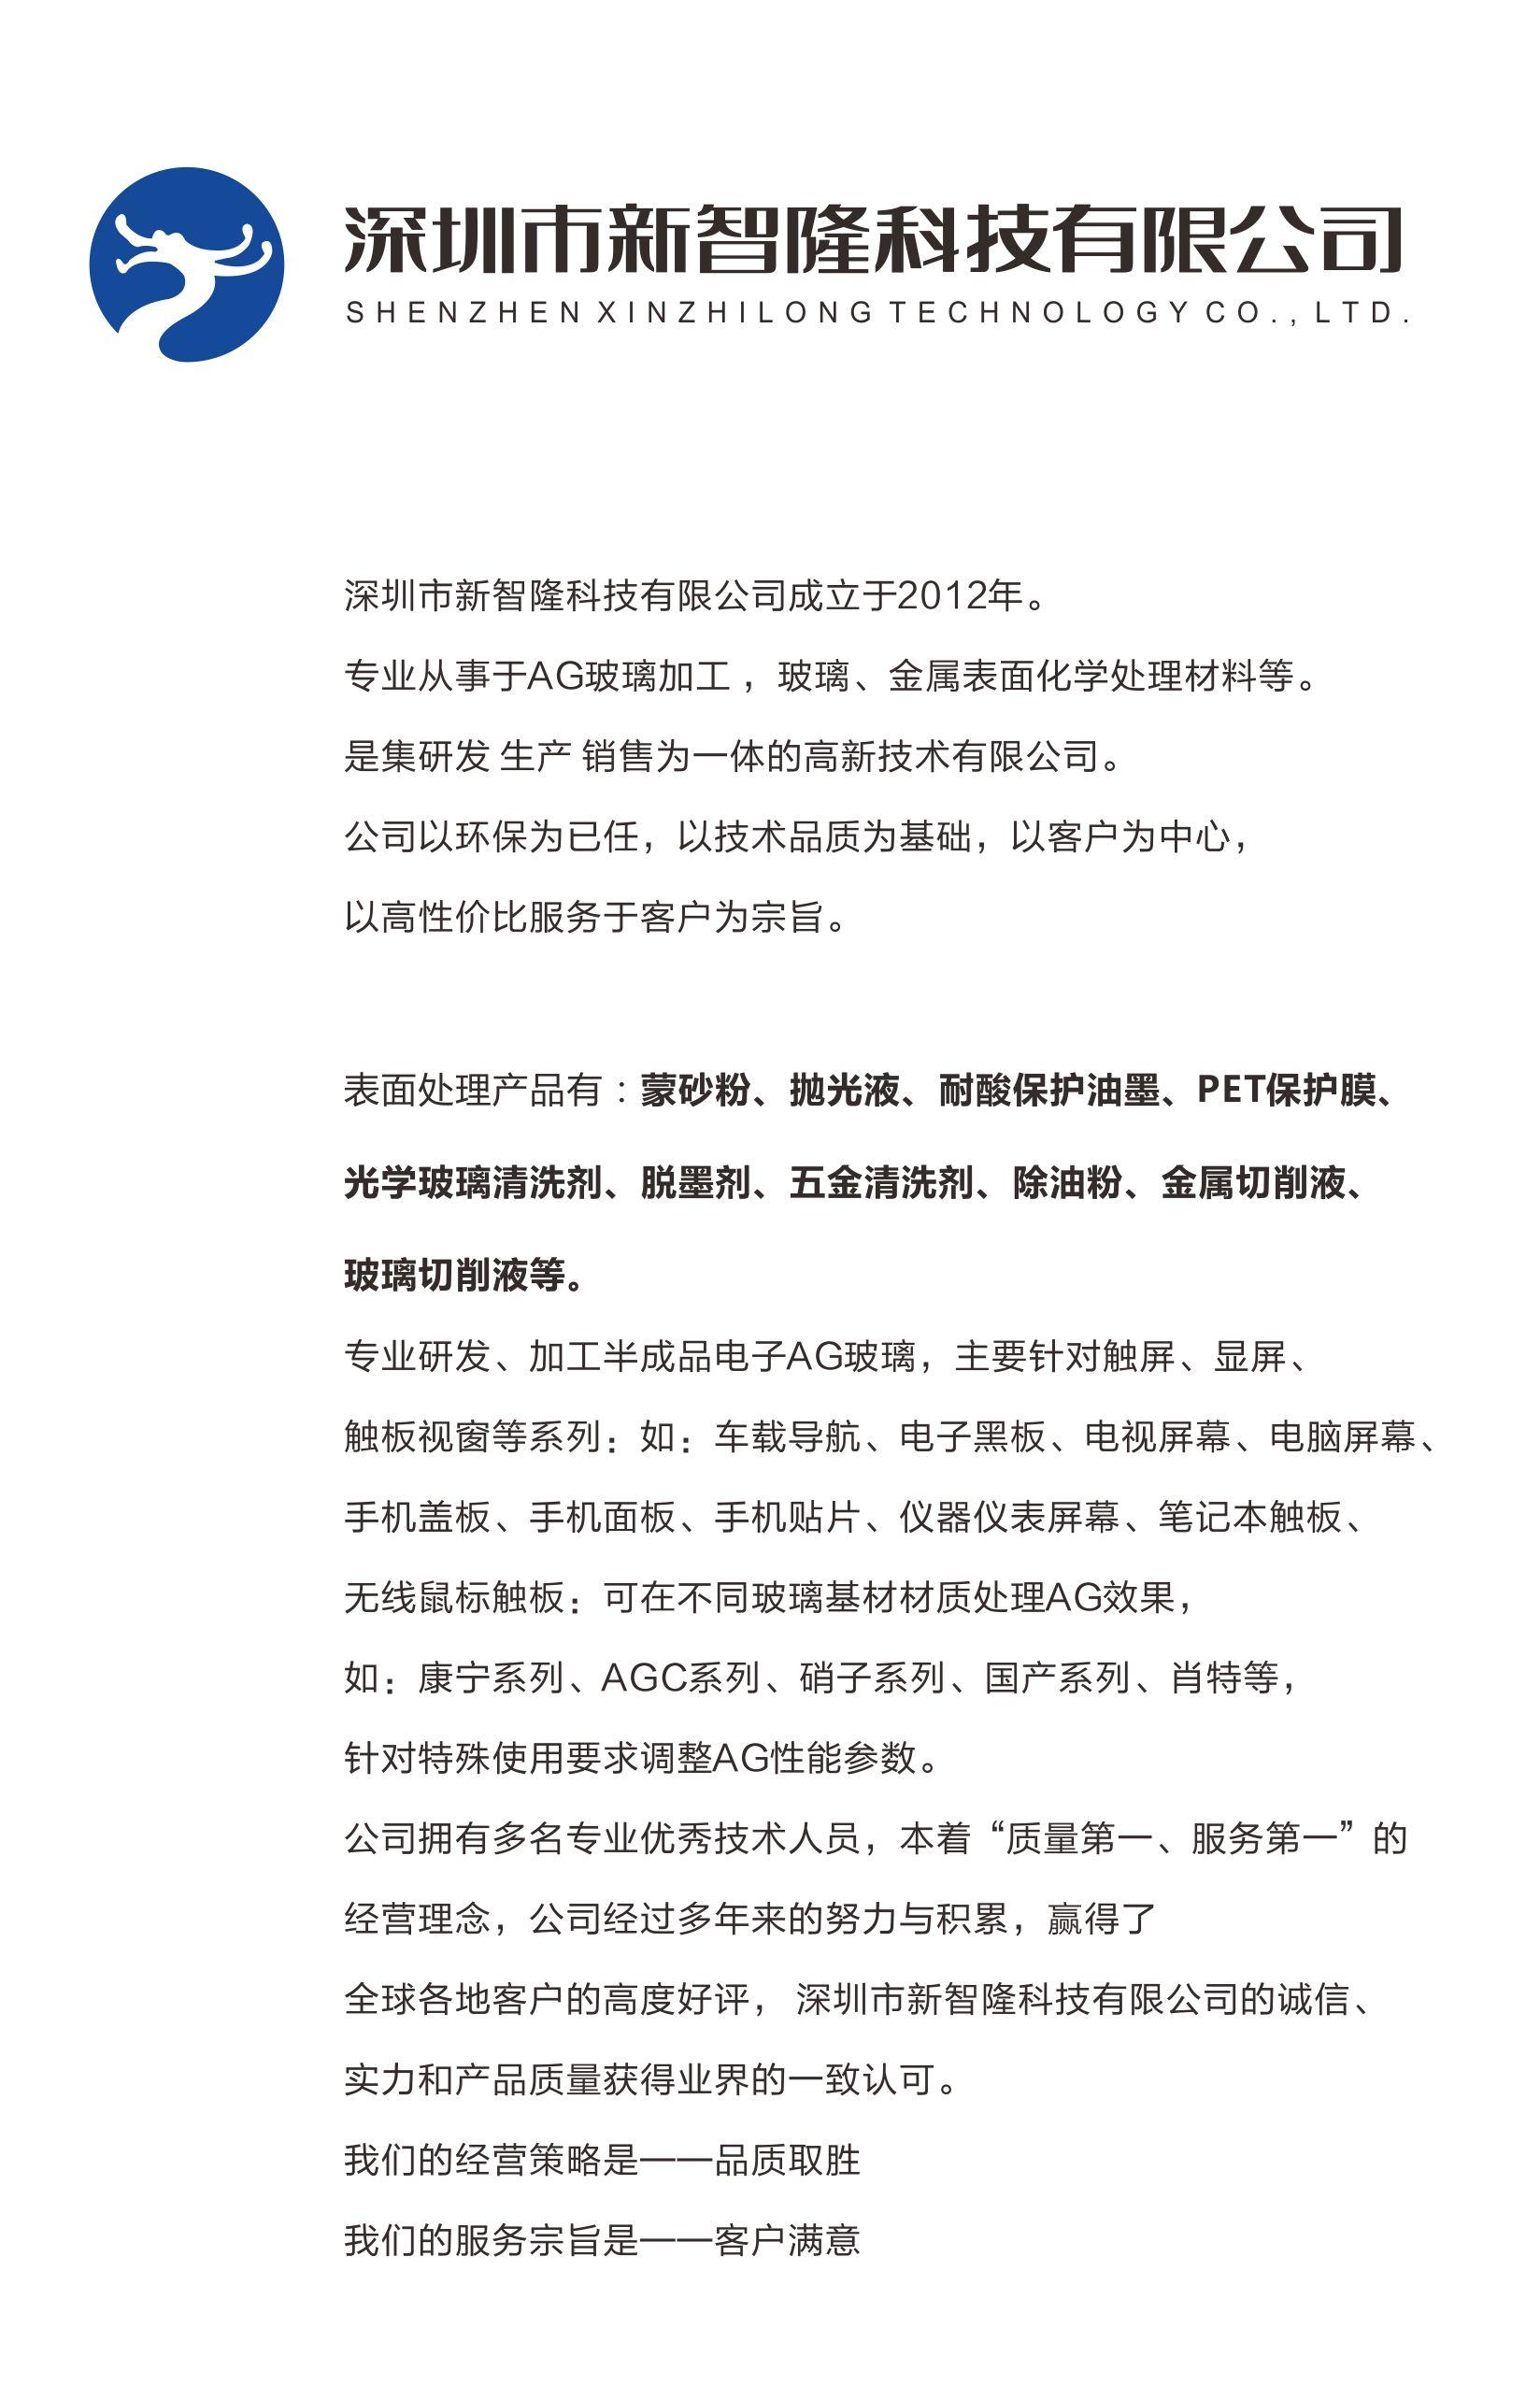 深圳新智隆科技有限公司